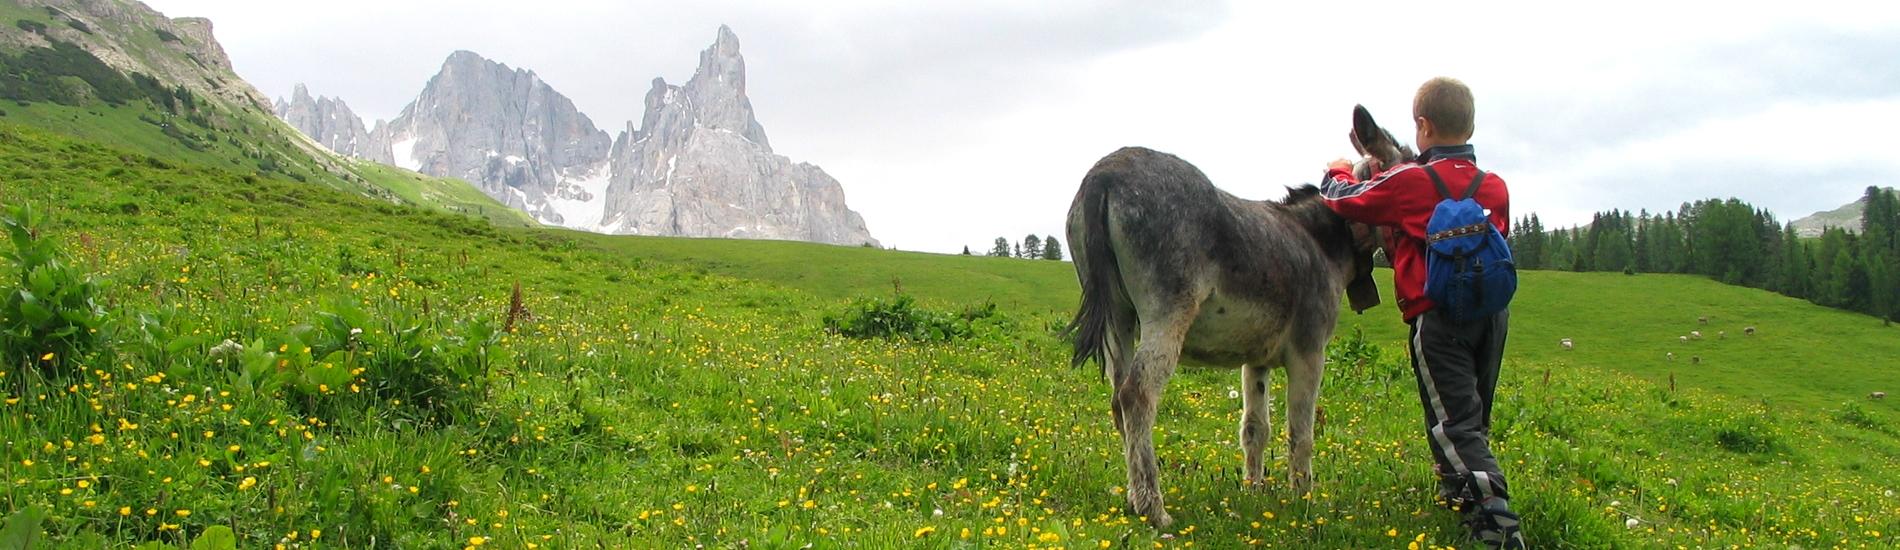 Escursioni in Malga in Trentino